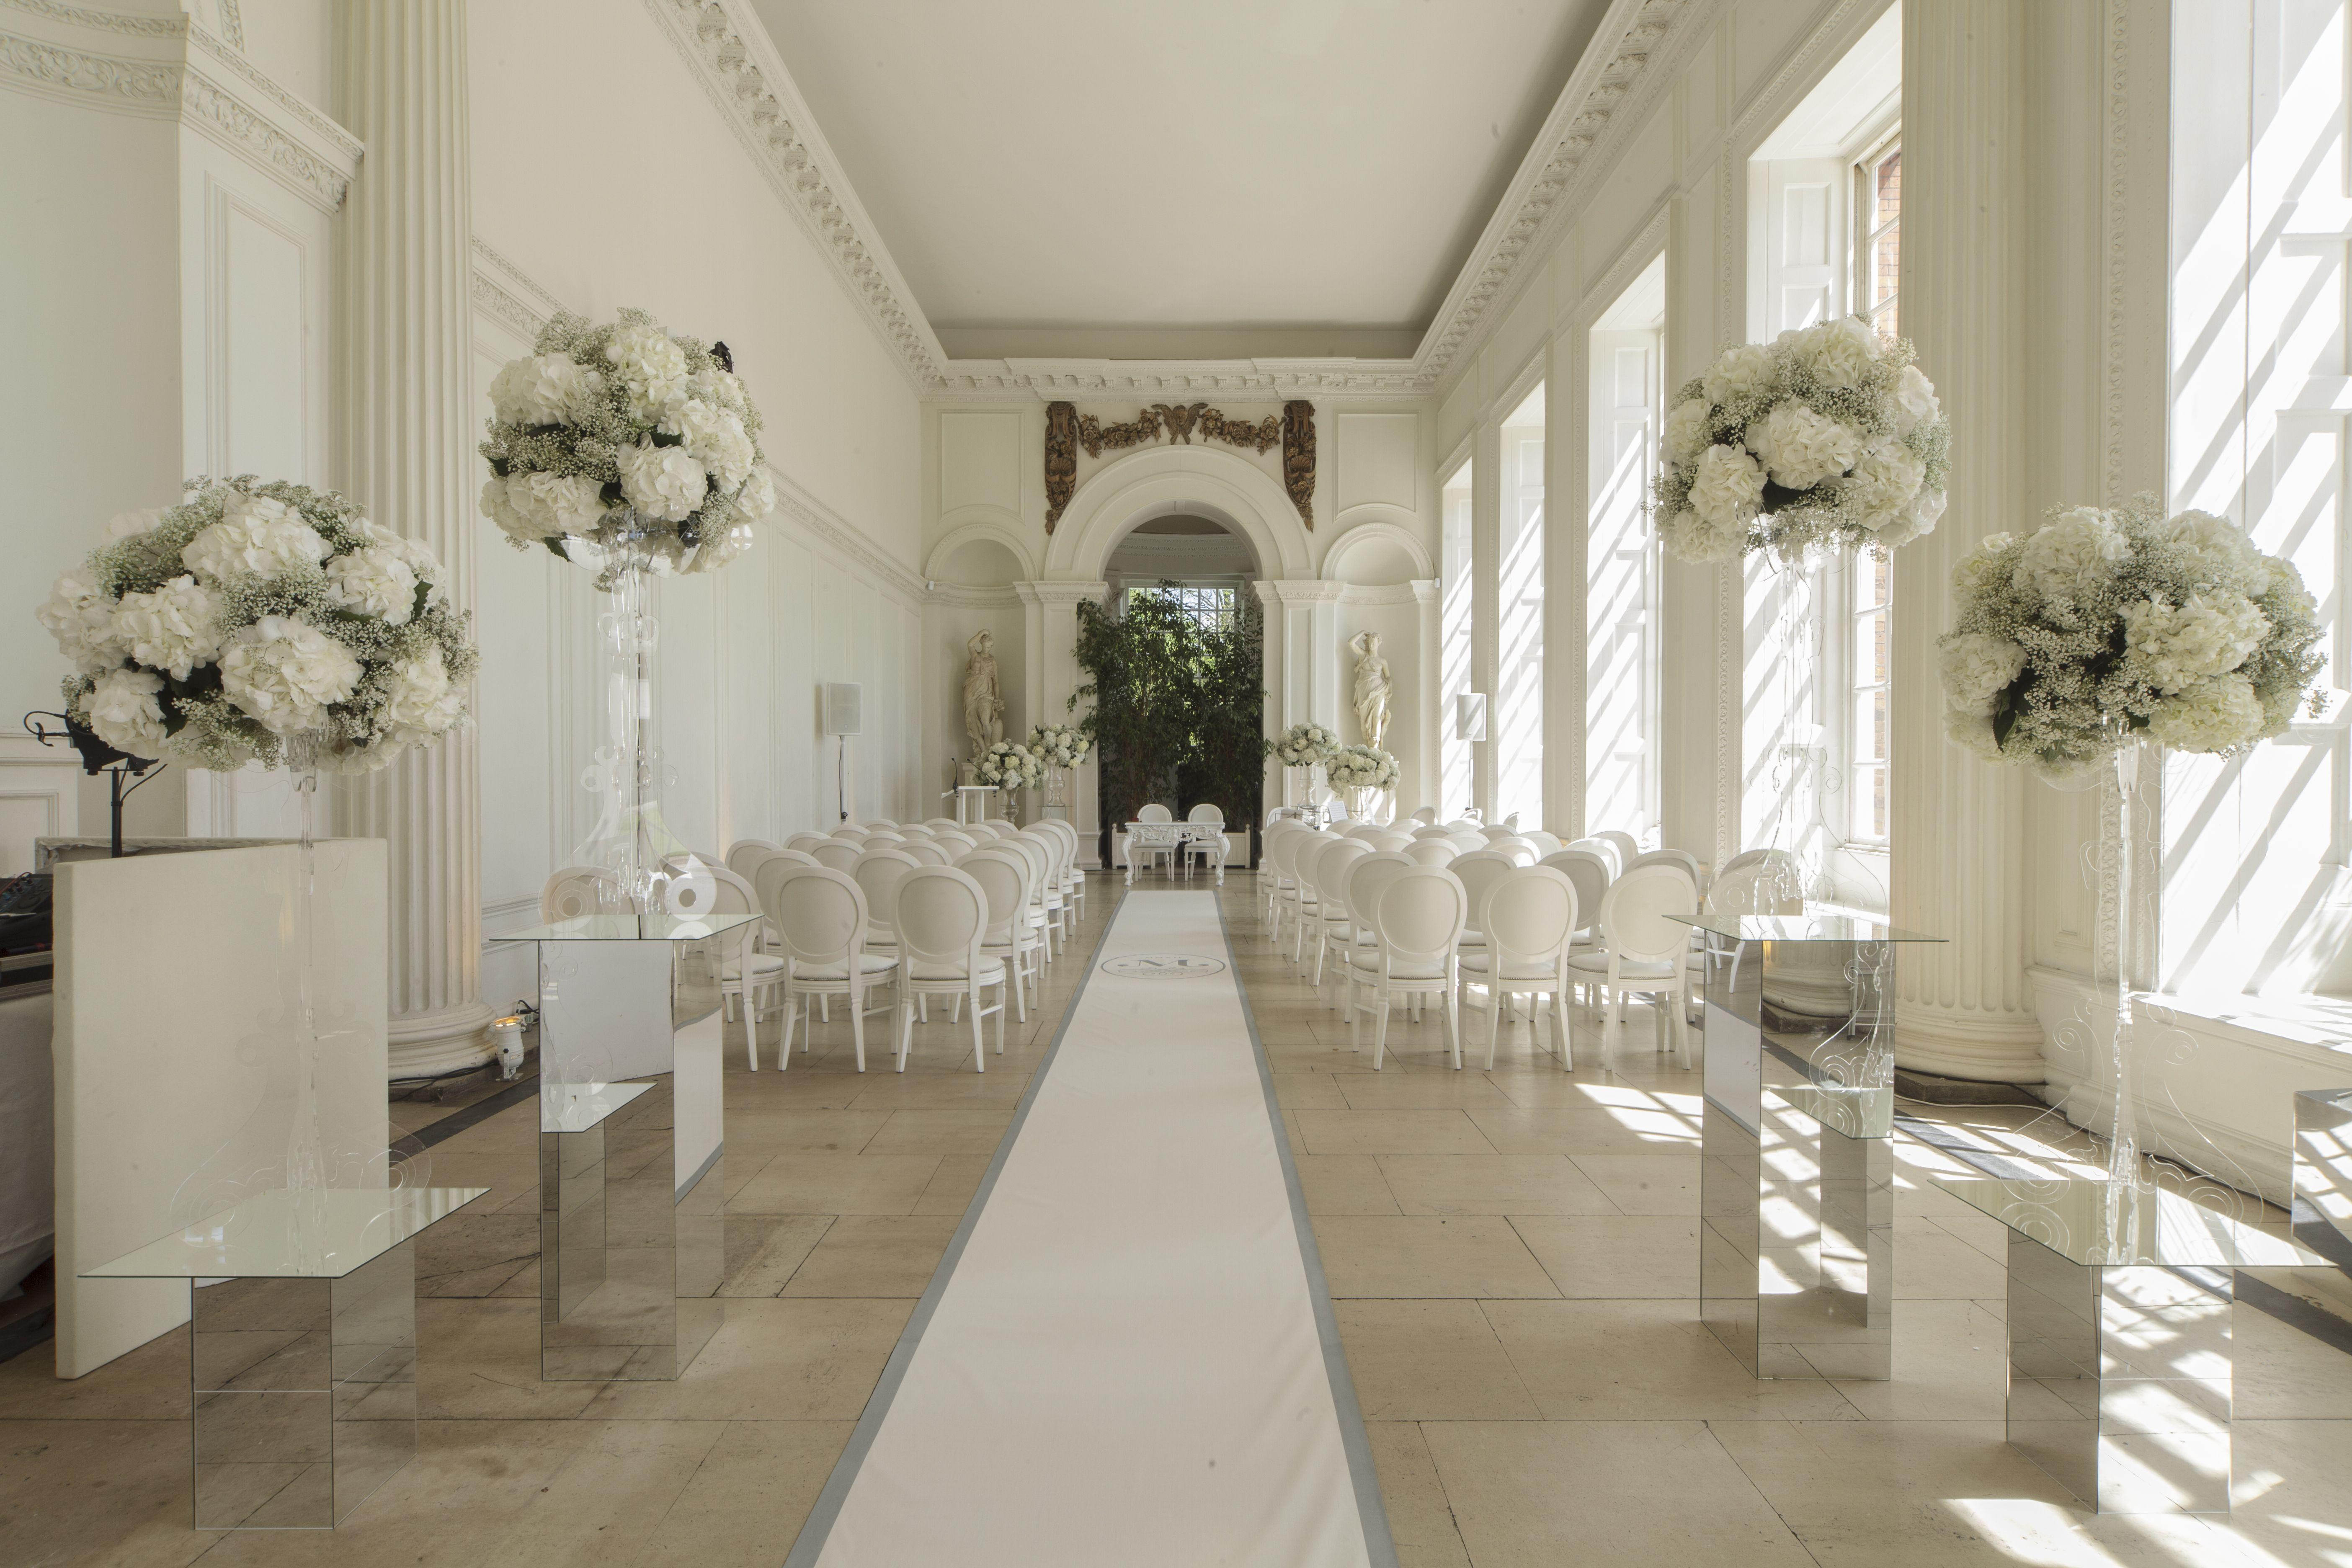 Civil Ceremony In Kensington Palaces Orangery Uniquevenuesoflondoncouk Venue Wedding Venues LondonBest